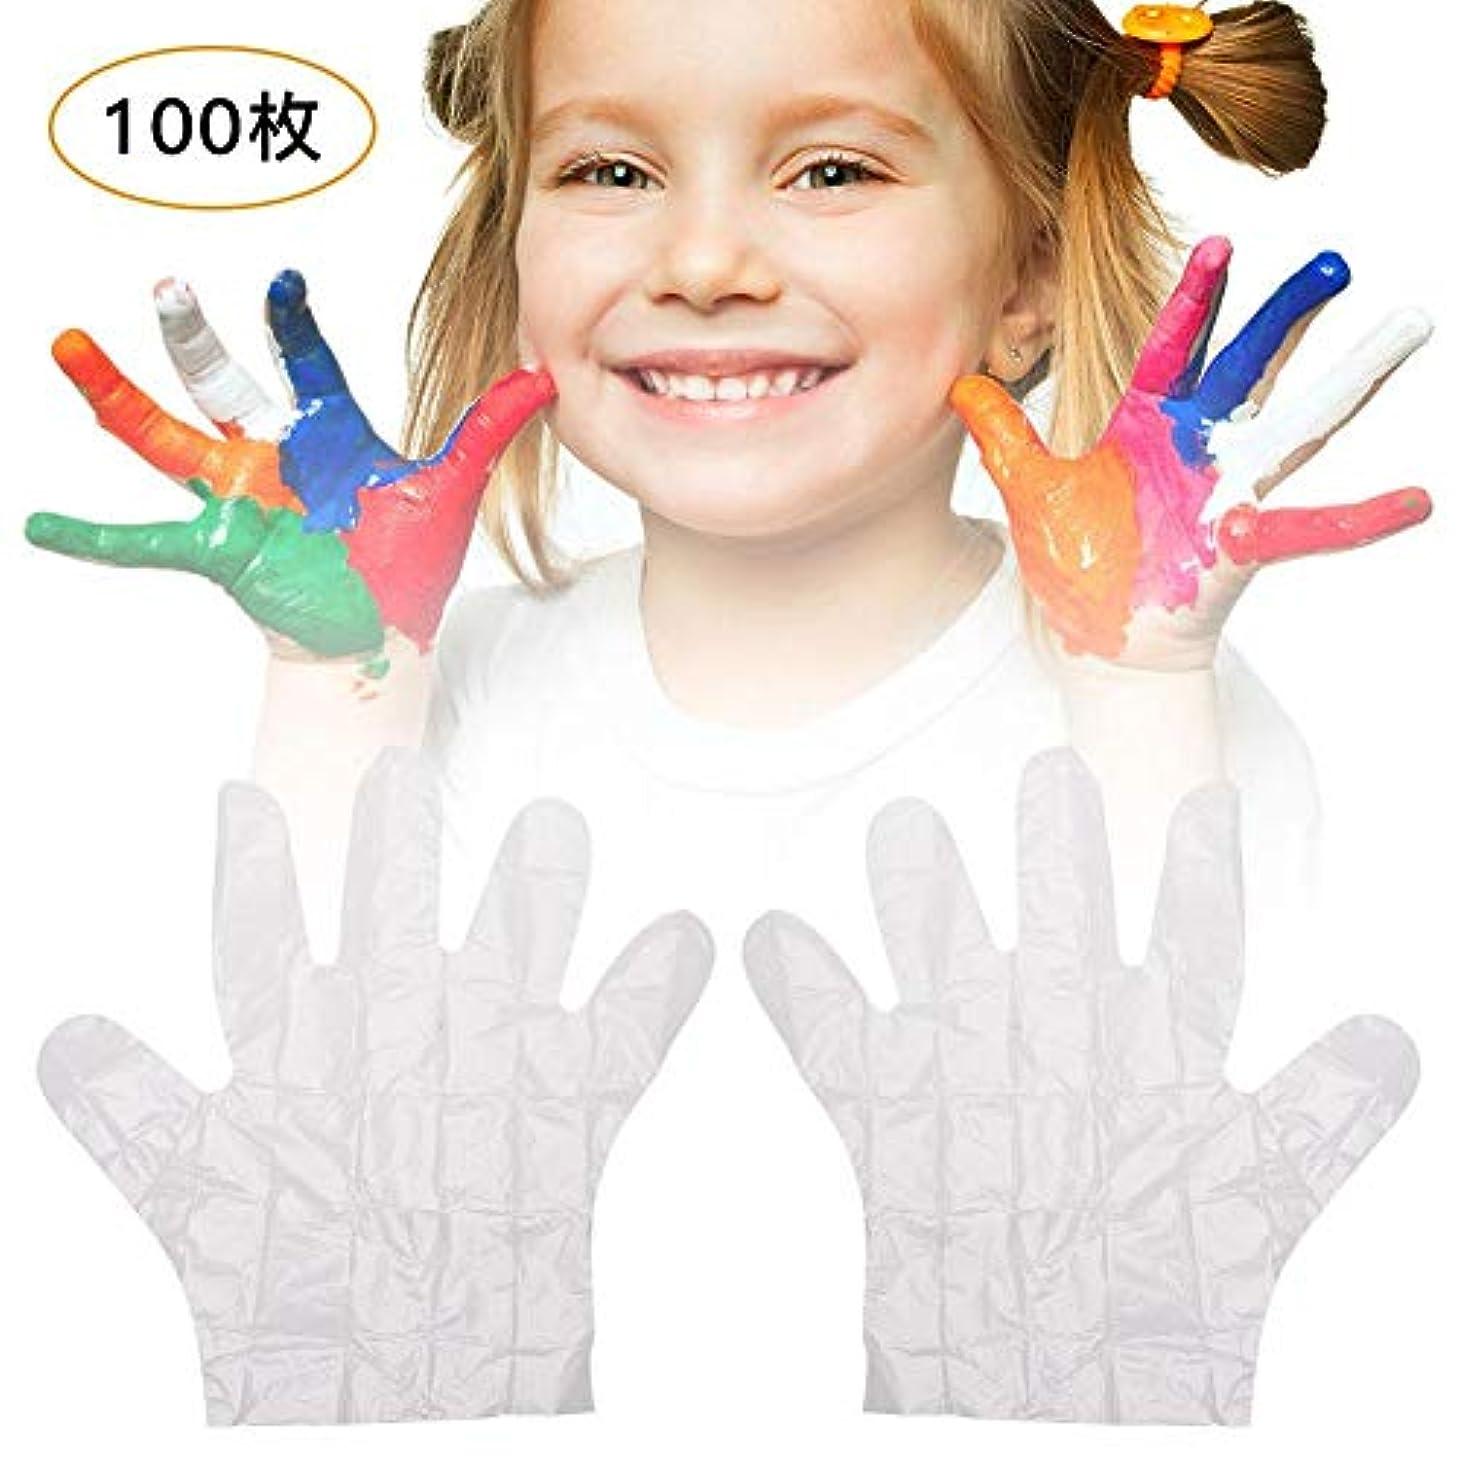 燃やす魅力無駄に使い捨て手袋 子供用 極薄ビニール手袋 LUERME ポリエチレン 透明 実用 衛生 100枚/200枚セット 左右兼用